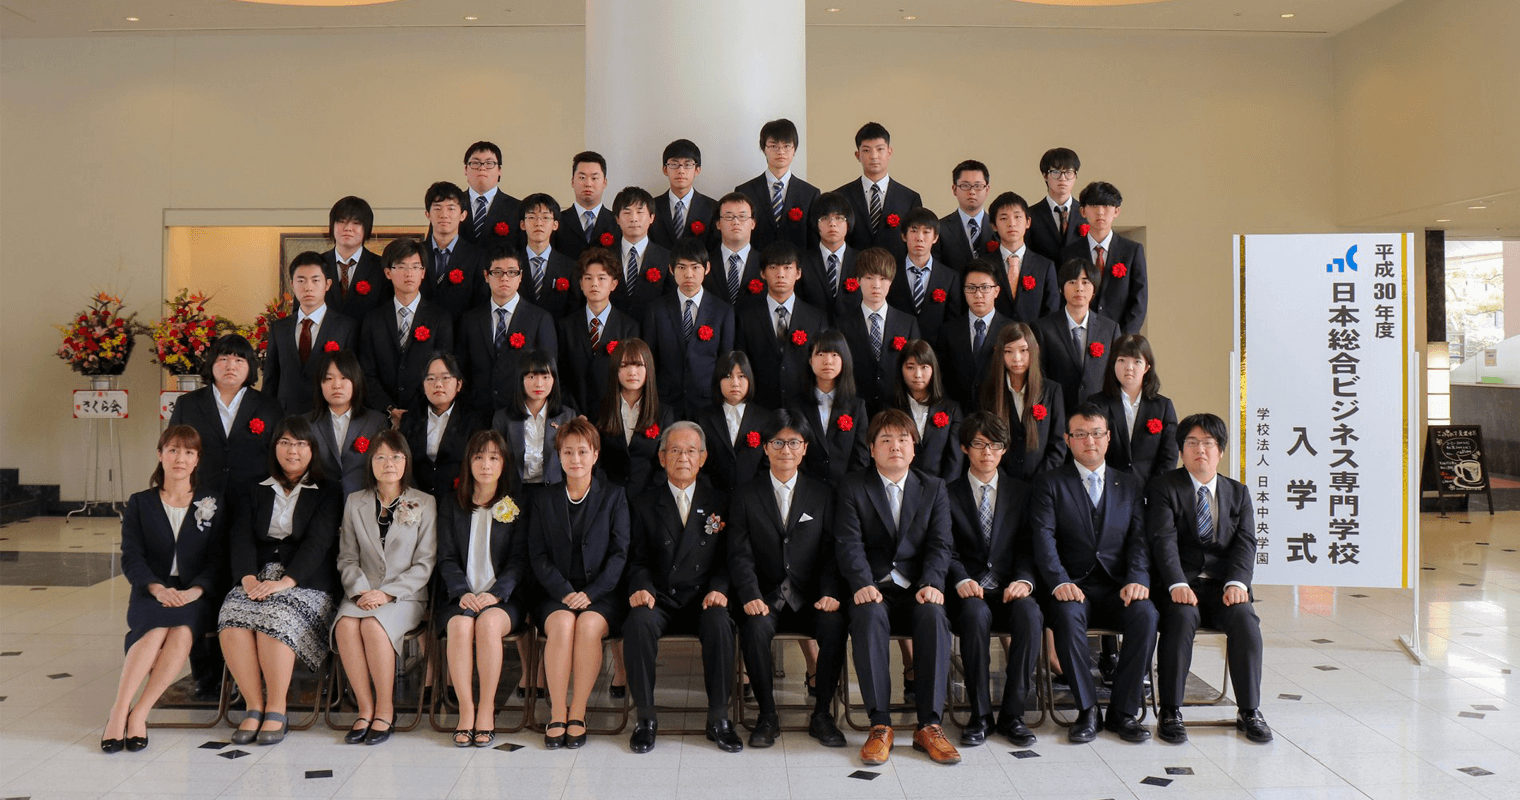 入学 式 学校 専門